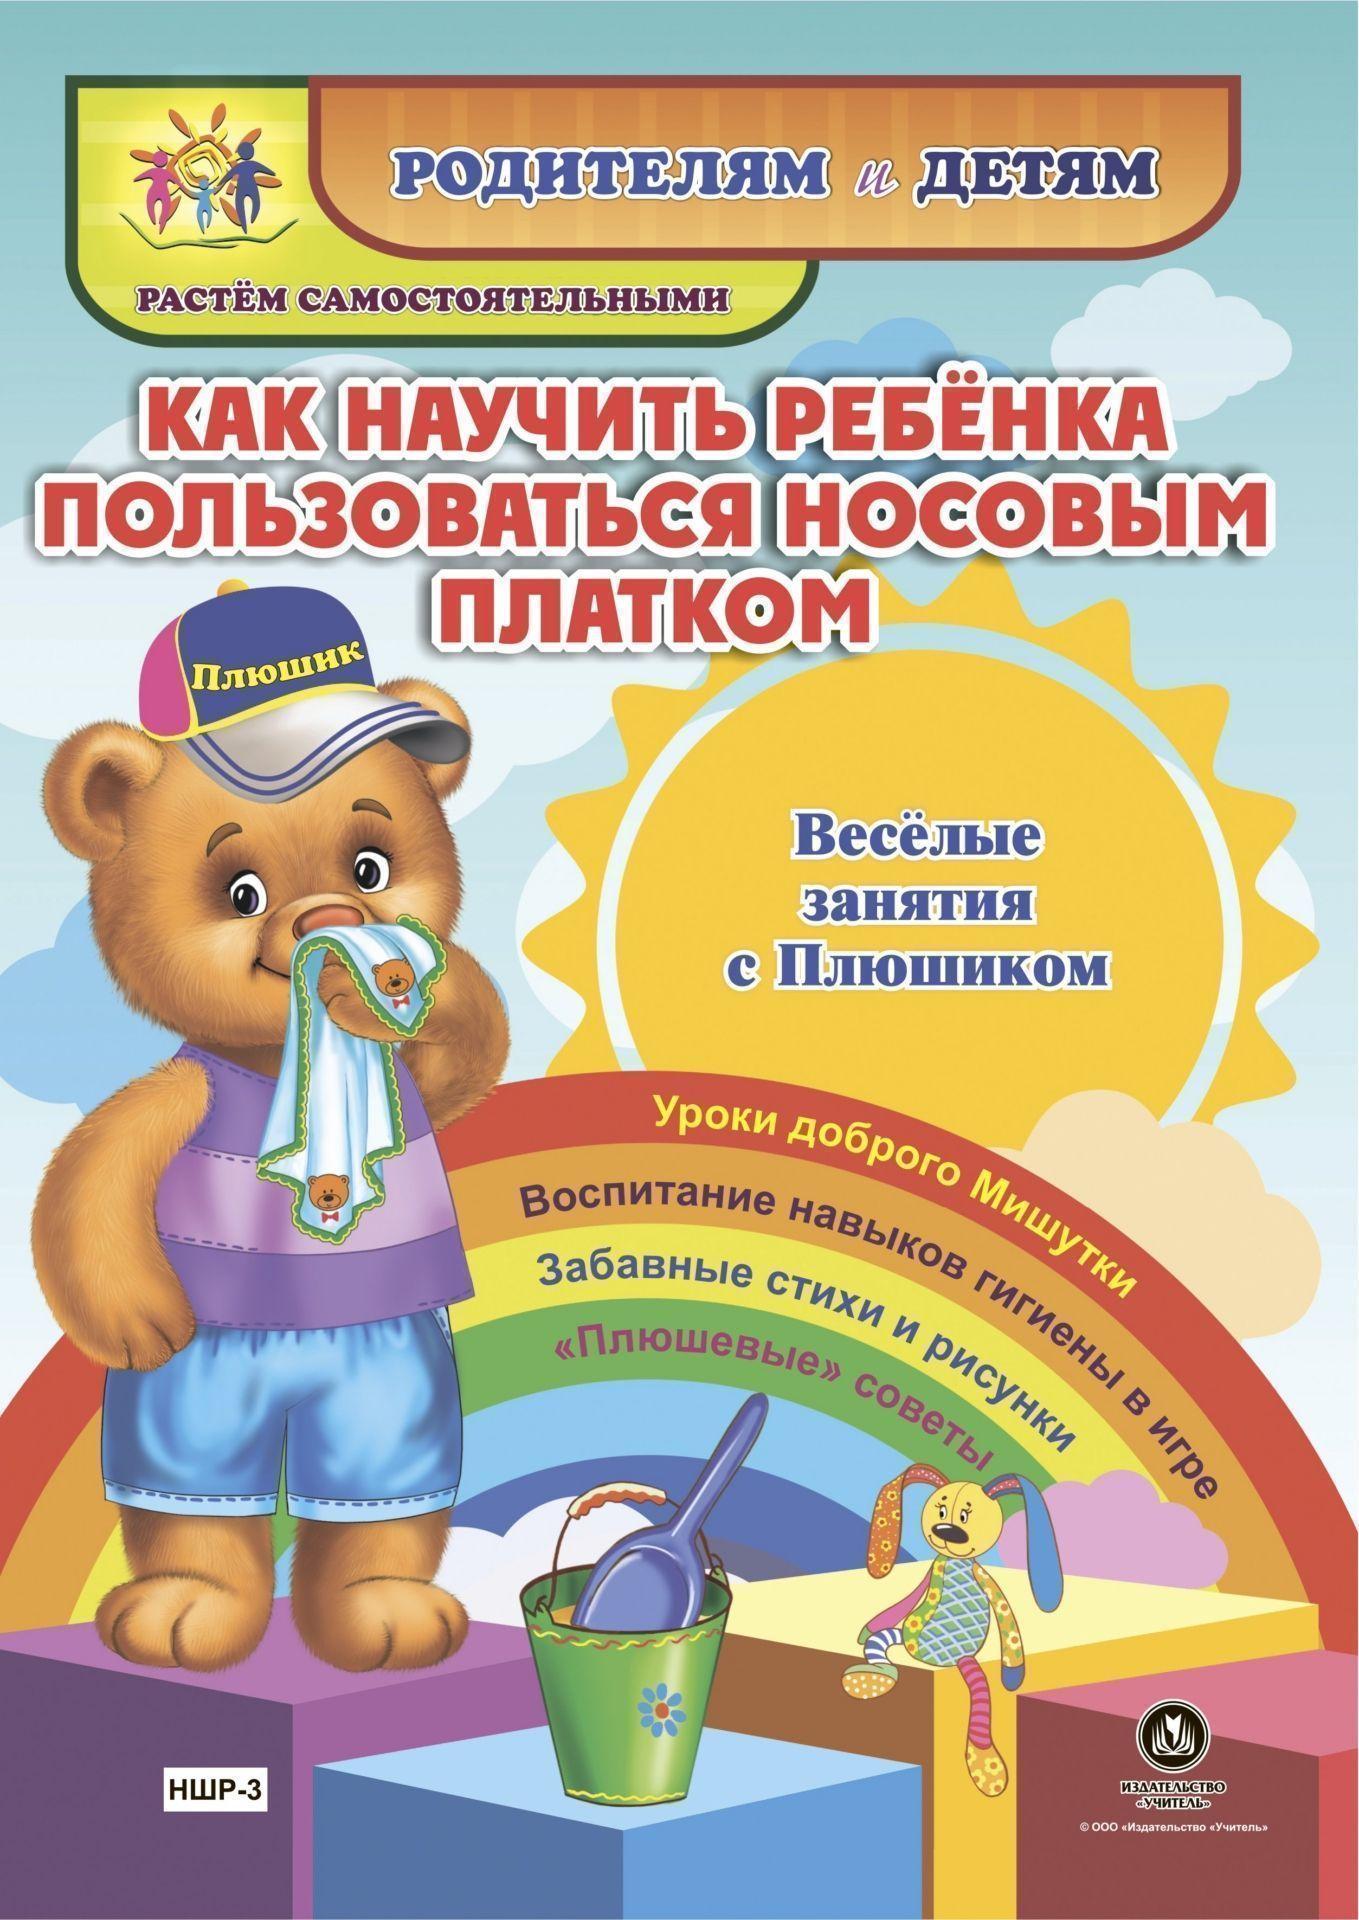 Как научить ребенка пользоваться носовым платком. Веселые занятия с ПлюшикомЛитература для детей<br>Представляем книжку-гармошку Как научить ребенка пользоваться носовым платком из серии Родителям и детям. Растём самостоятельными. Замечательное пособие повествует о том, как любимый детьми герой - мишутка Плюшик - с удовольствием делится на страницах...<br><br>Год: 2017<br>Серия: Родителям и детям. Растём самостоятельными<br>Высота: 290<br>Ширина: 210<br>Переплёт: набор